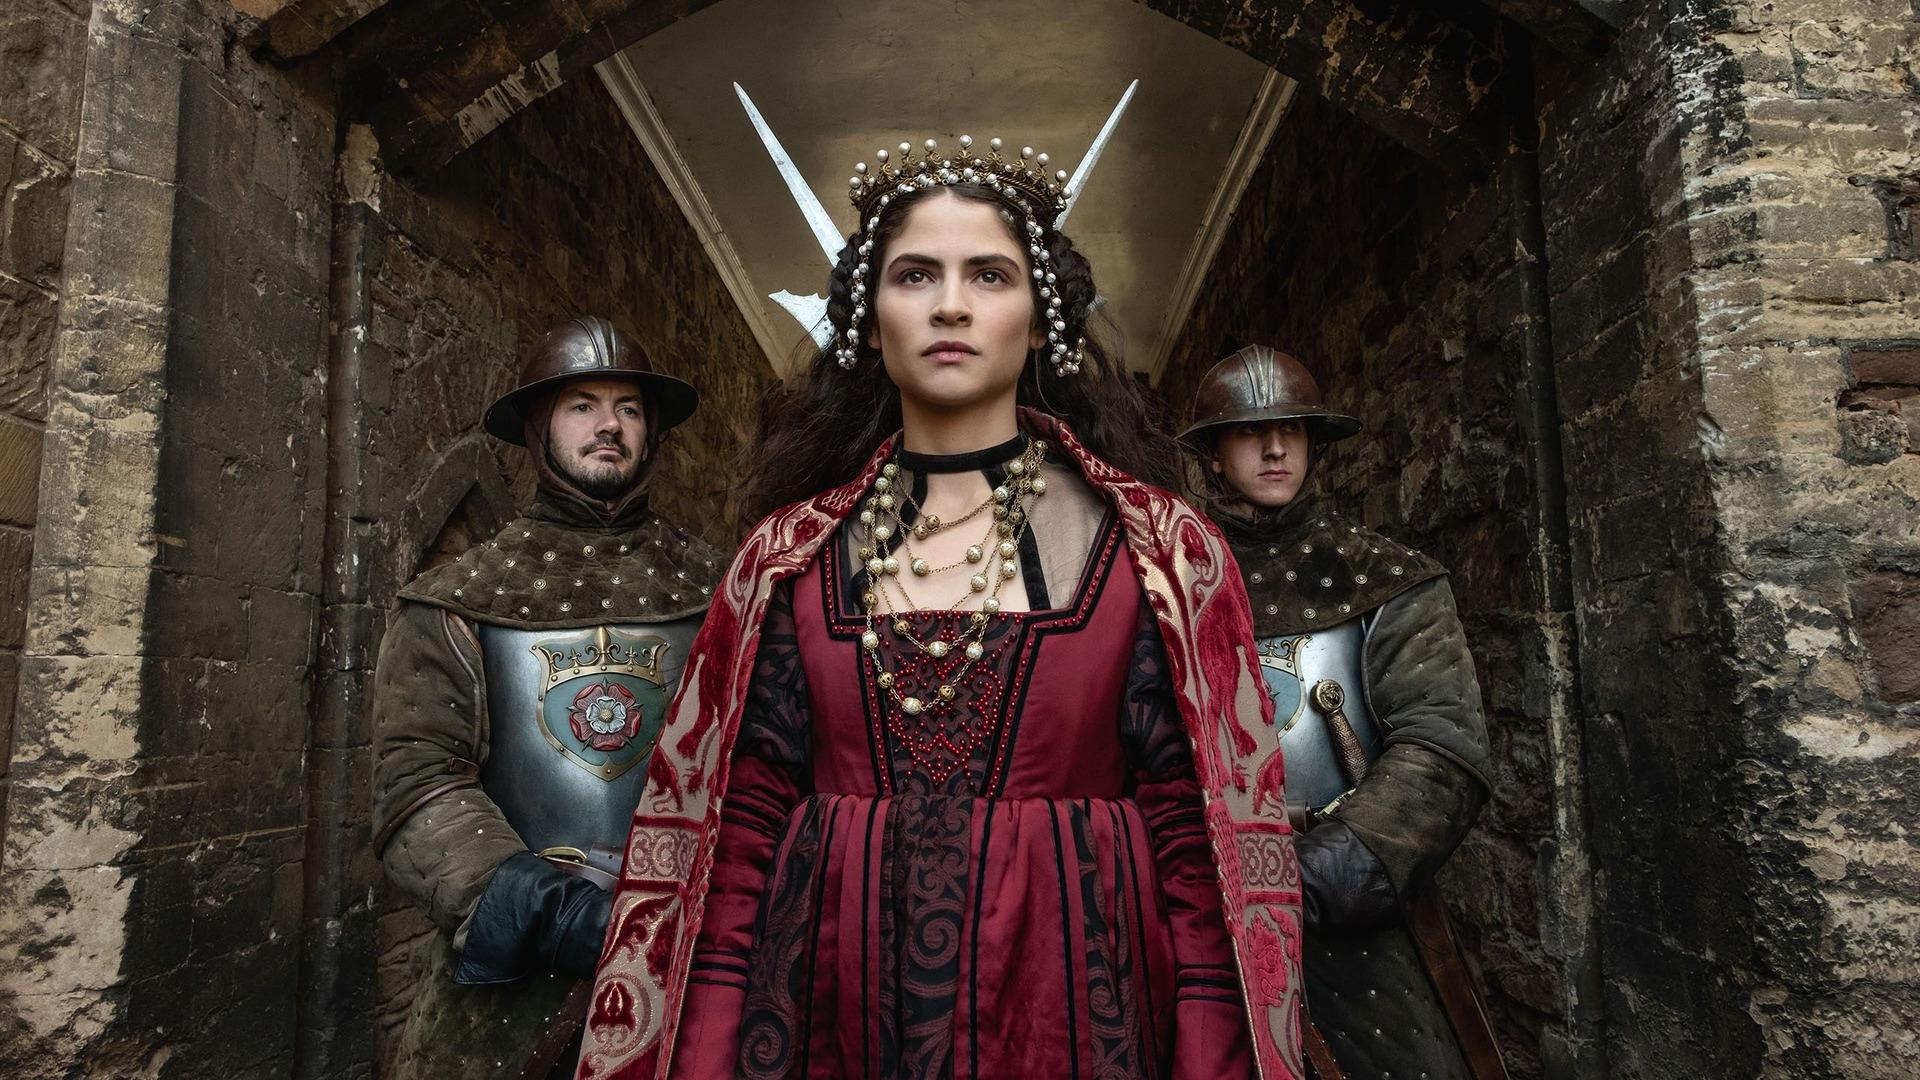 Испанская принцесса — s01e06 — A Polite Kidnapping